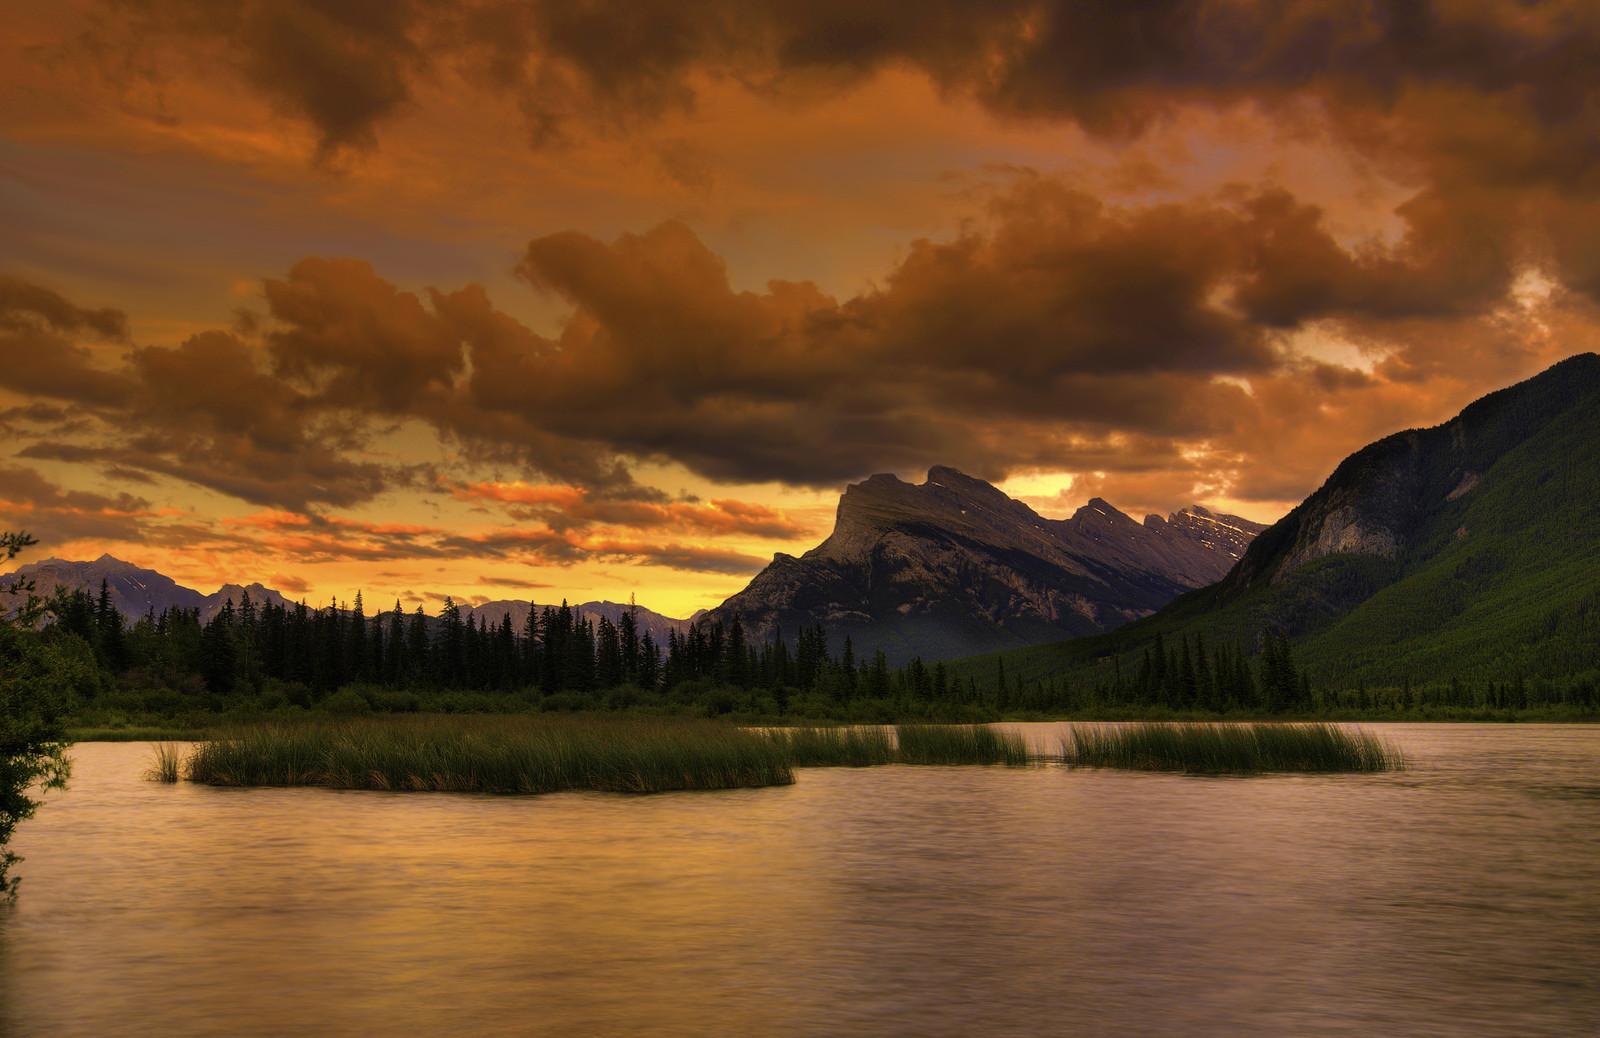 Banff sunset during a Banff adventure tour.